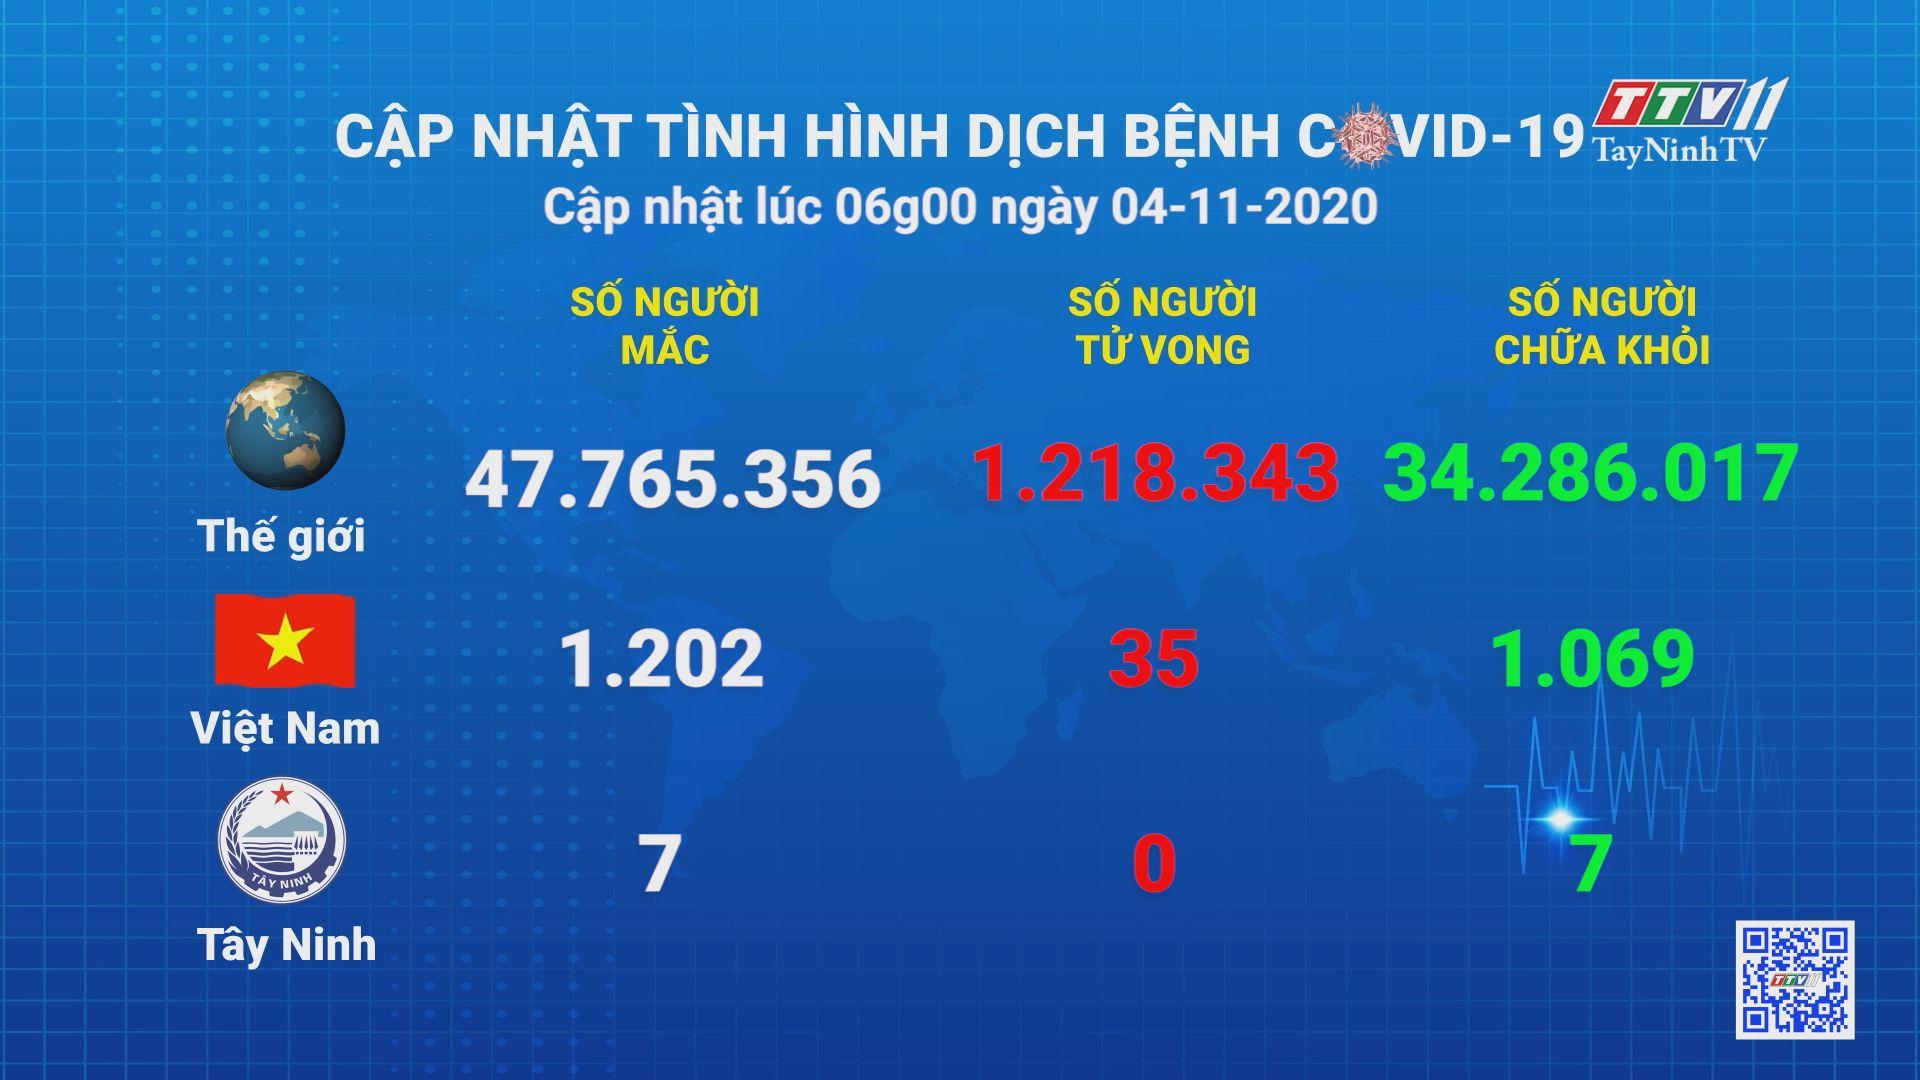 Cập nhật tình hình Covid-19 vào lúc 06 giờ 04-11-2020 | Thông tin dịch Covid-19 | TayNinhTV